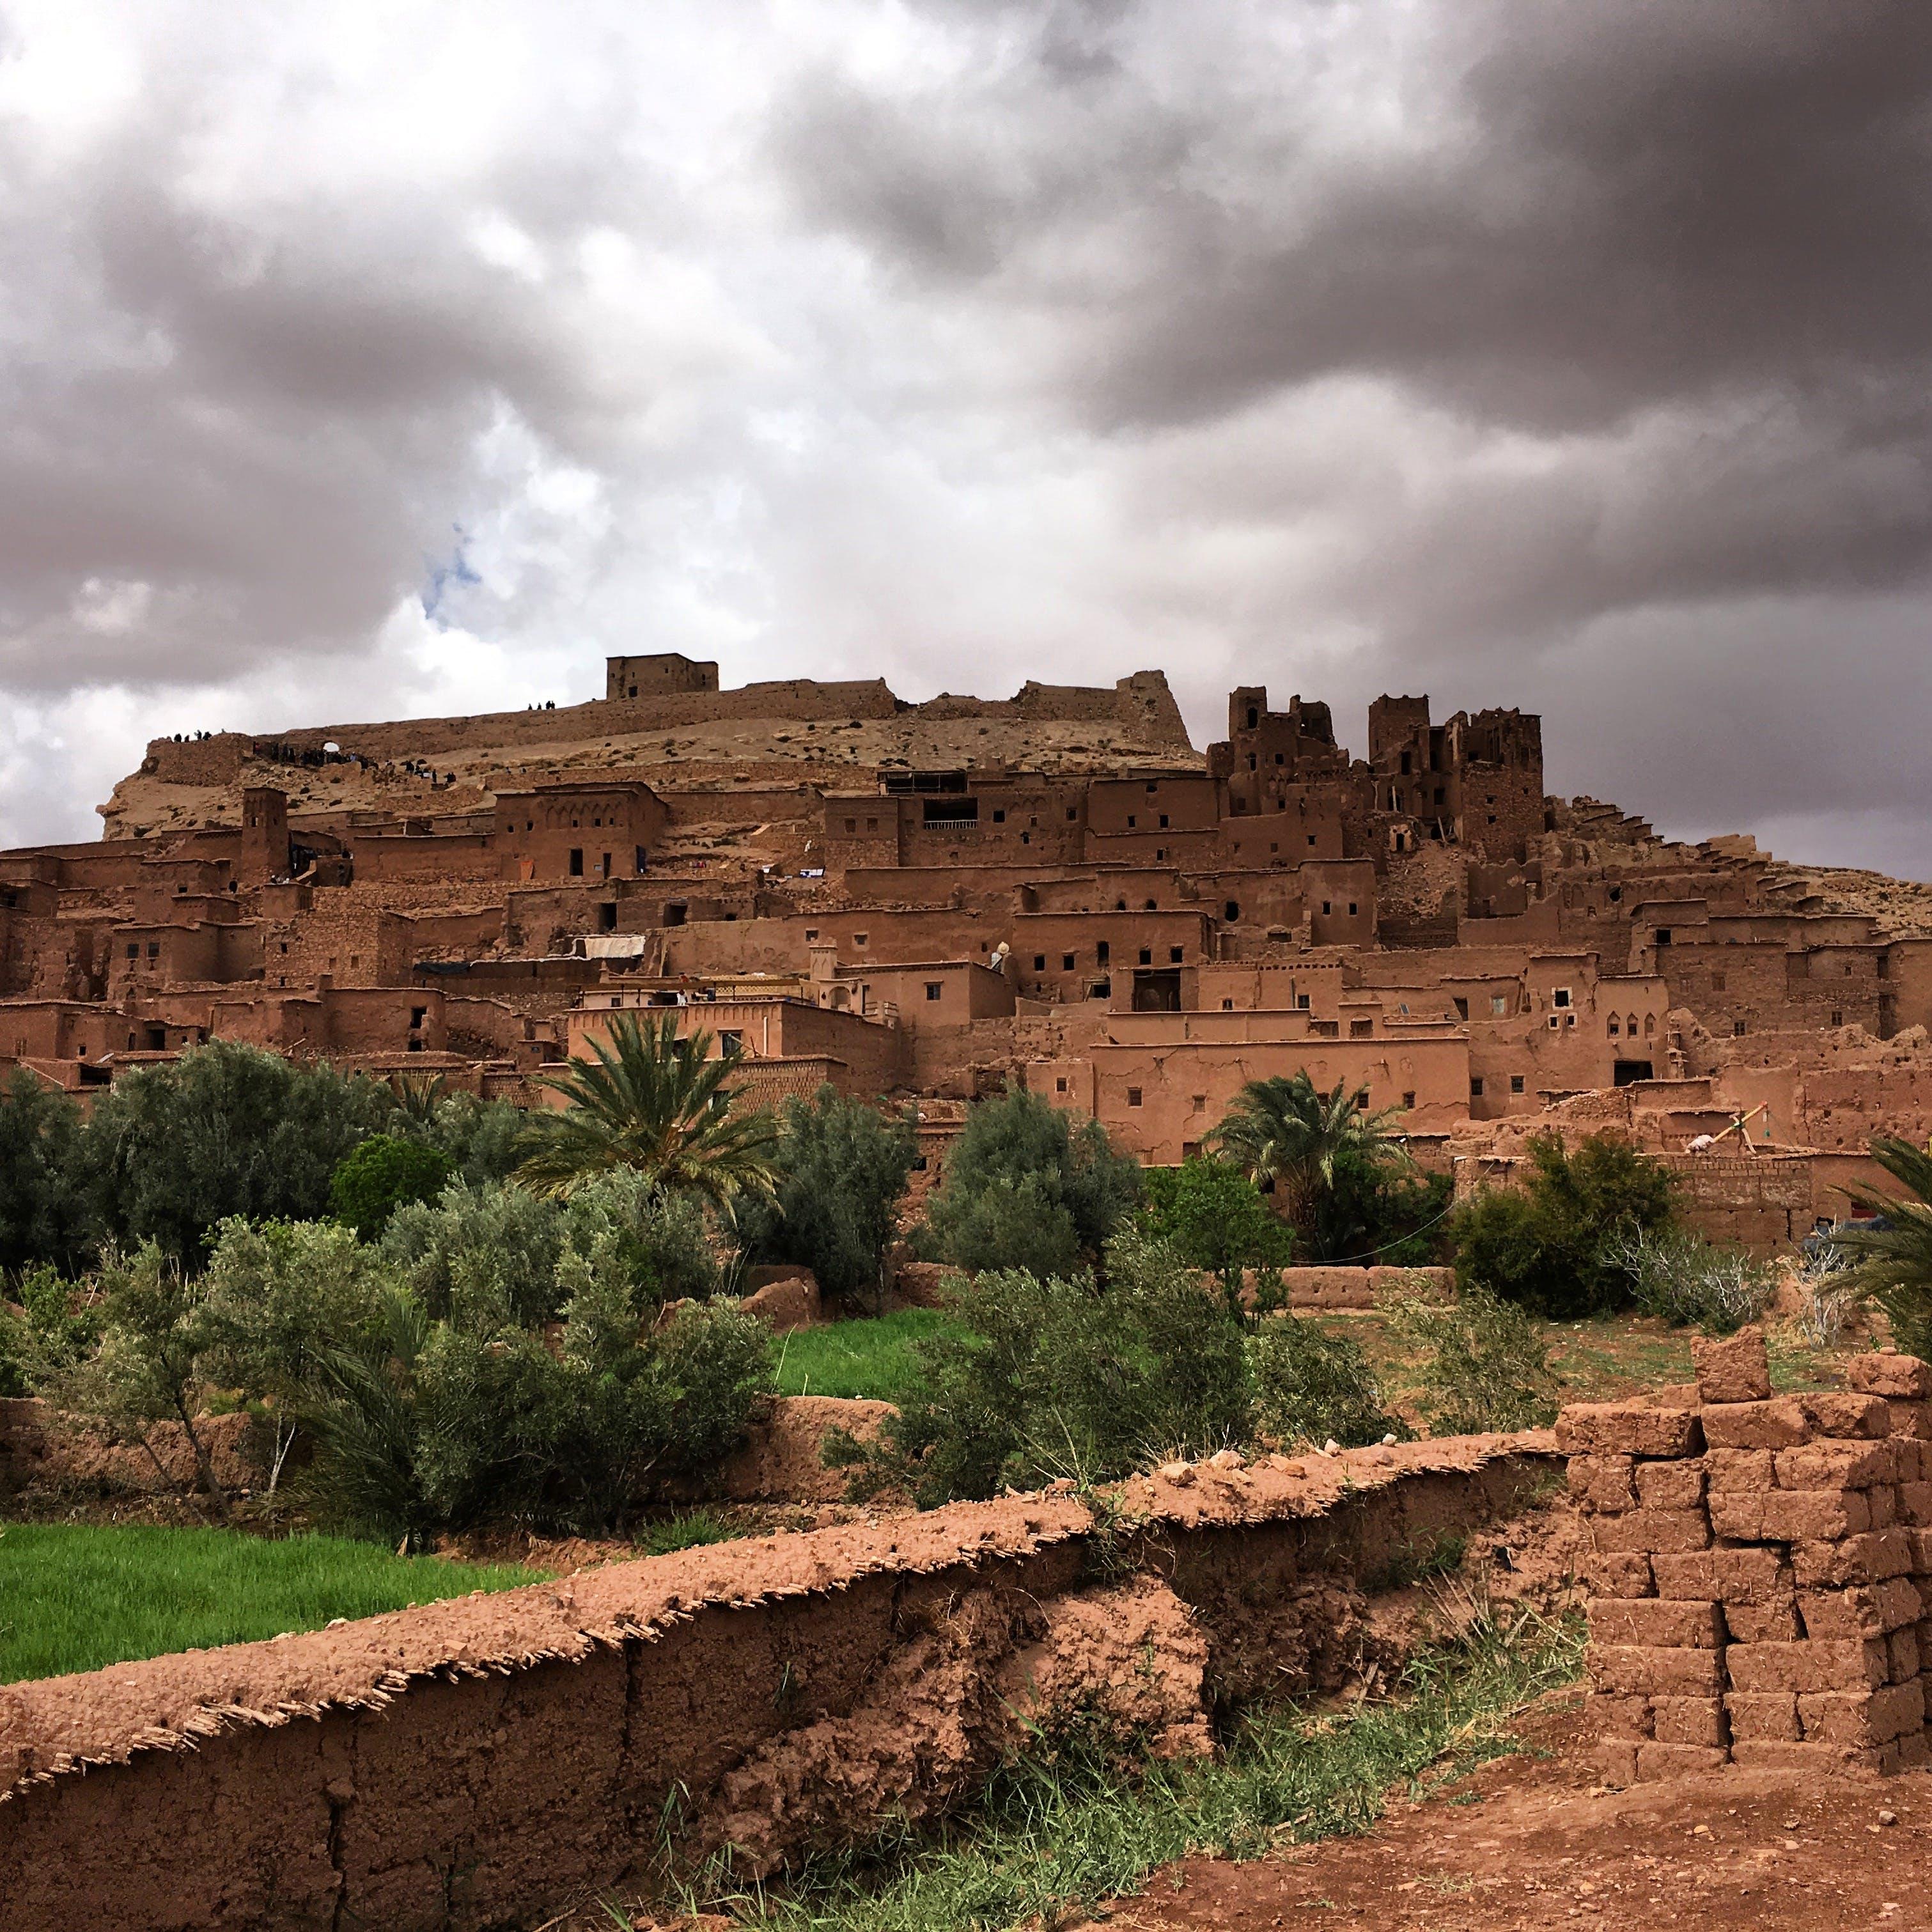 Δωρεάν στοκ φωτογραφιών με άργιλος, αρχαιολογία, αρχαίος, αρχιτεκτονική